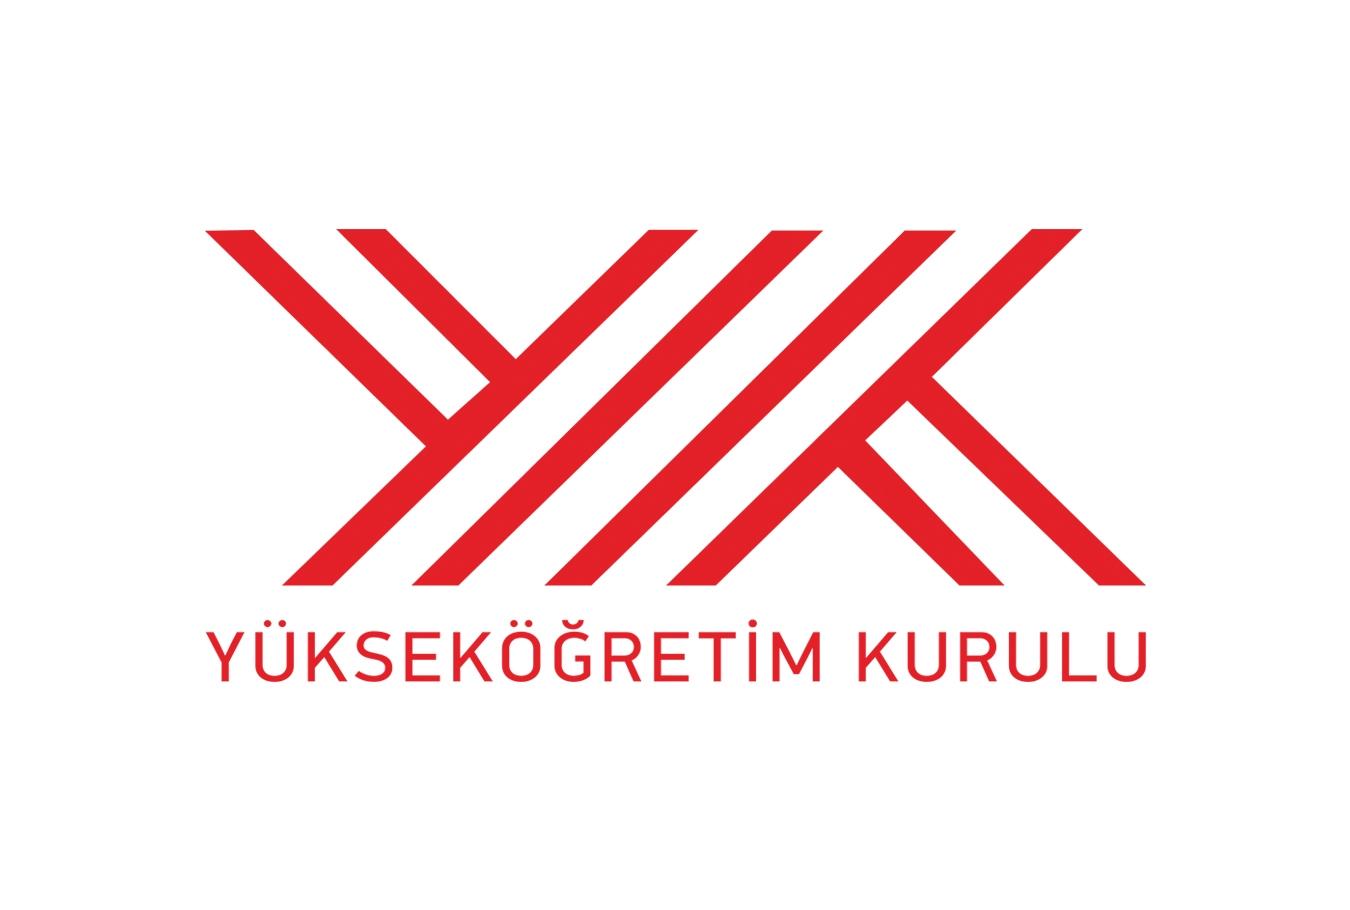 -DOÇENT ADAYLARINI ÜNİVERSİTELERARASI KURUL DENETLEYECEK